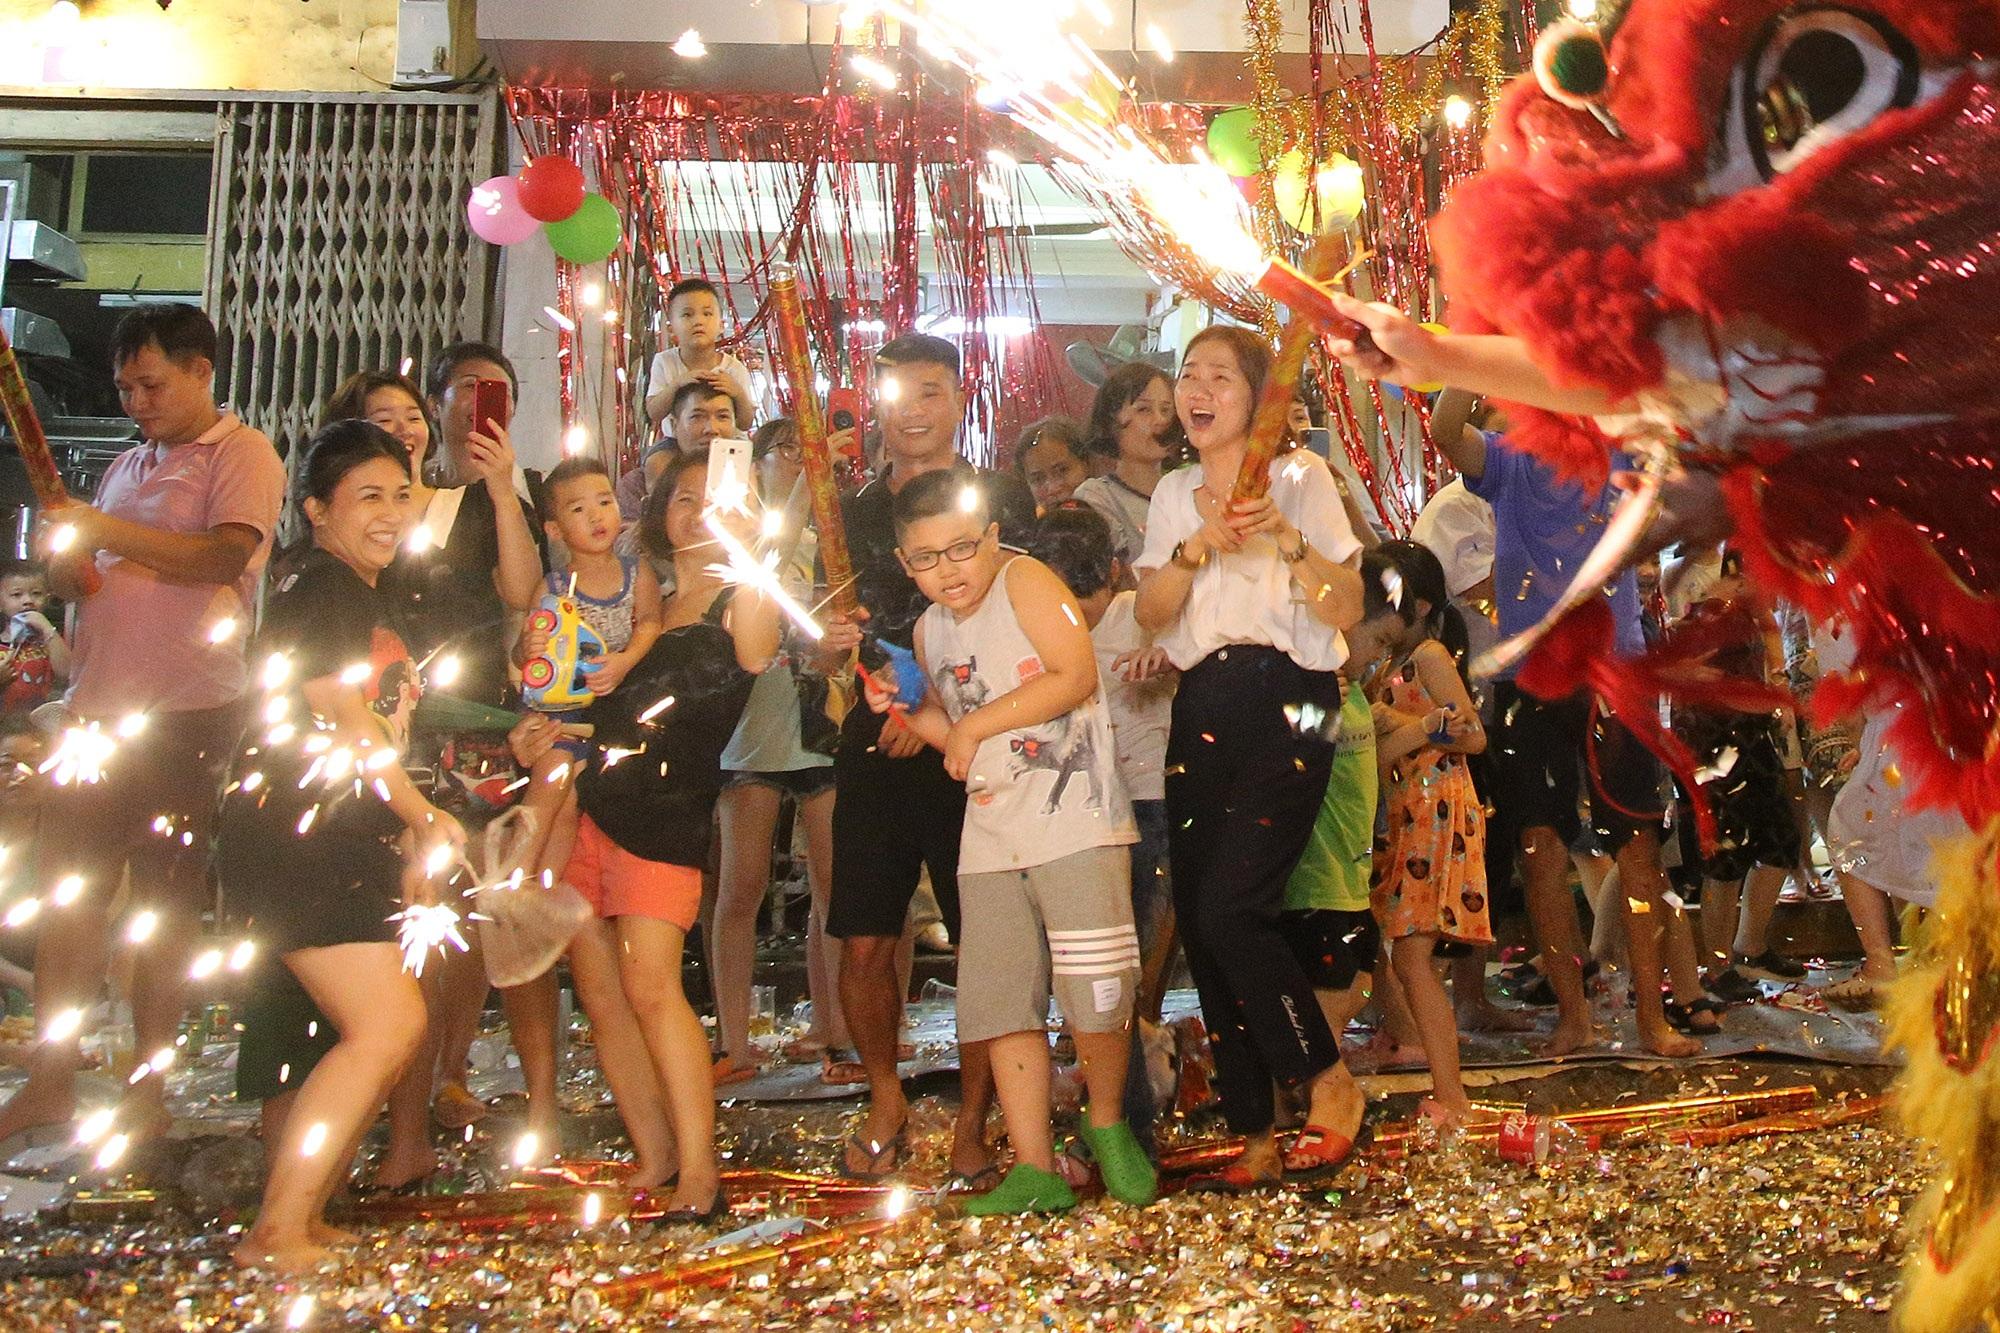 Sôi động đêm trung thu trên đường phố Hà Nội - 3